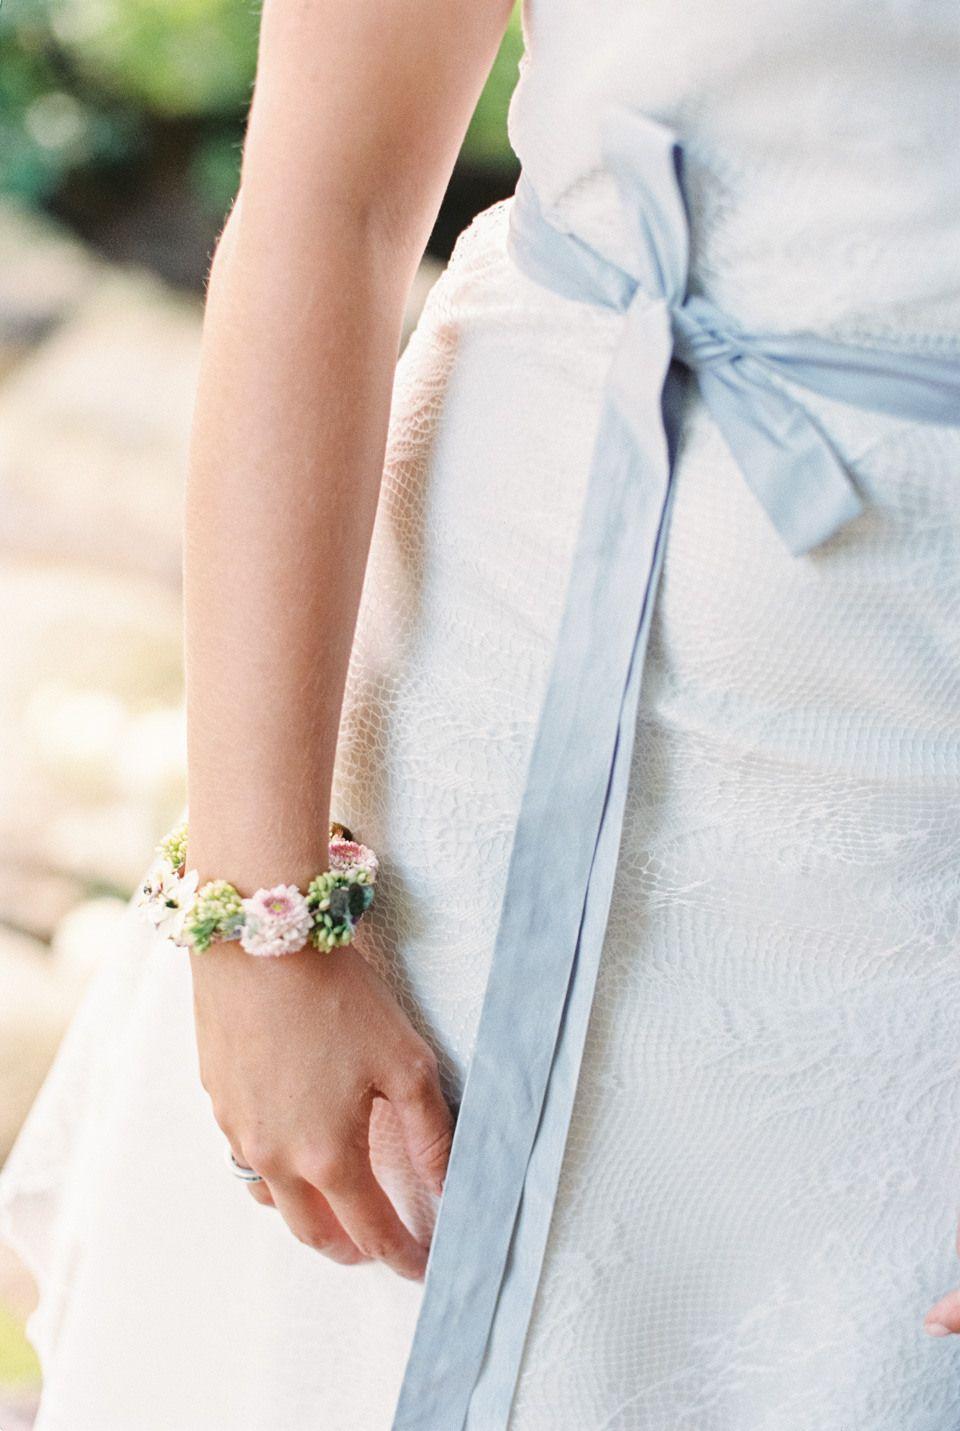 Inspiración de boda: Romántica y secreta 'ceremonia de boda gratis' – locura de boda – inspírate